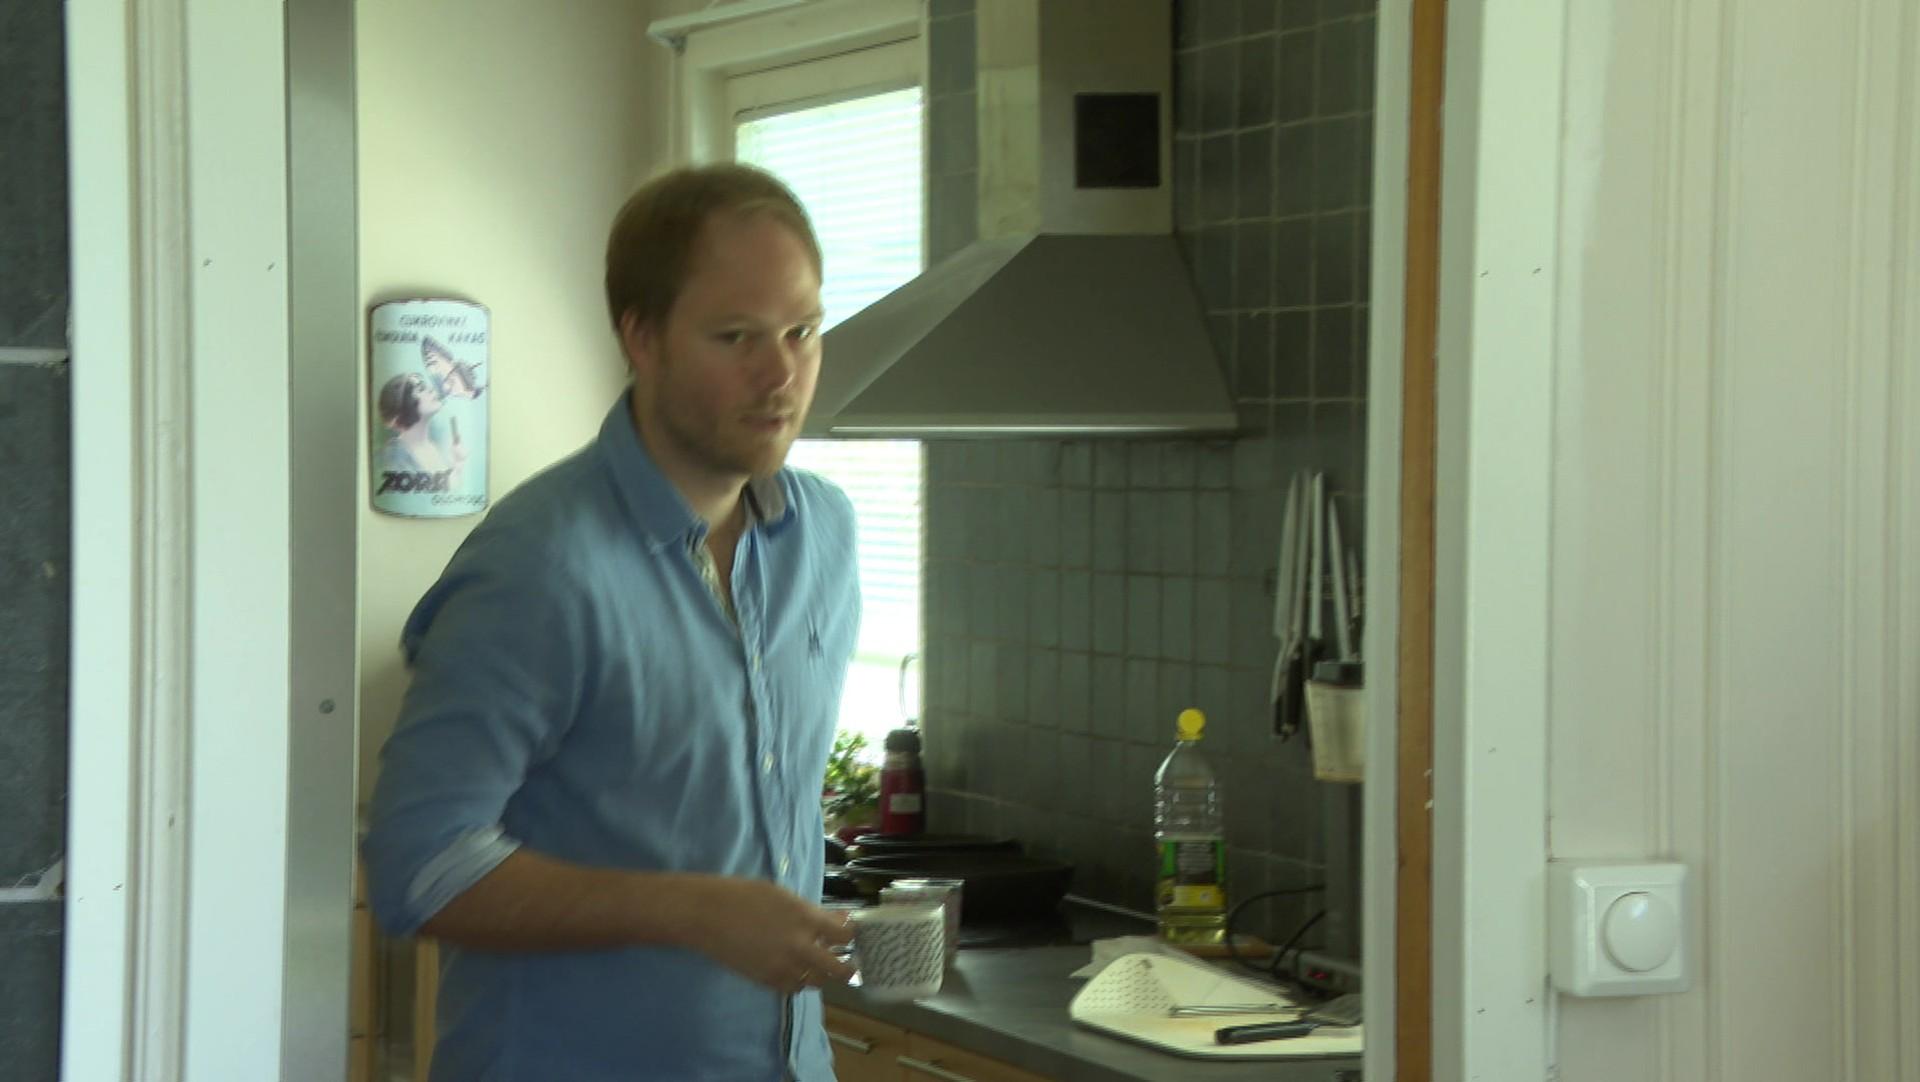 kart over radonforekomster i norge Mange i Hedmark og Oppland bør ta en radon sjekk – NRK Hedmark og  kart over radonforekomster i norge